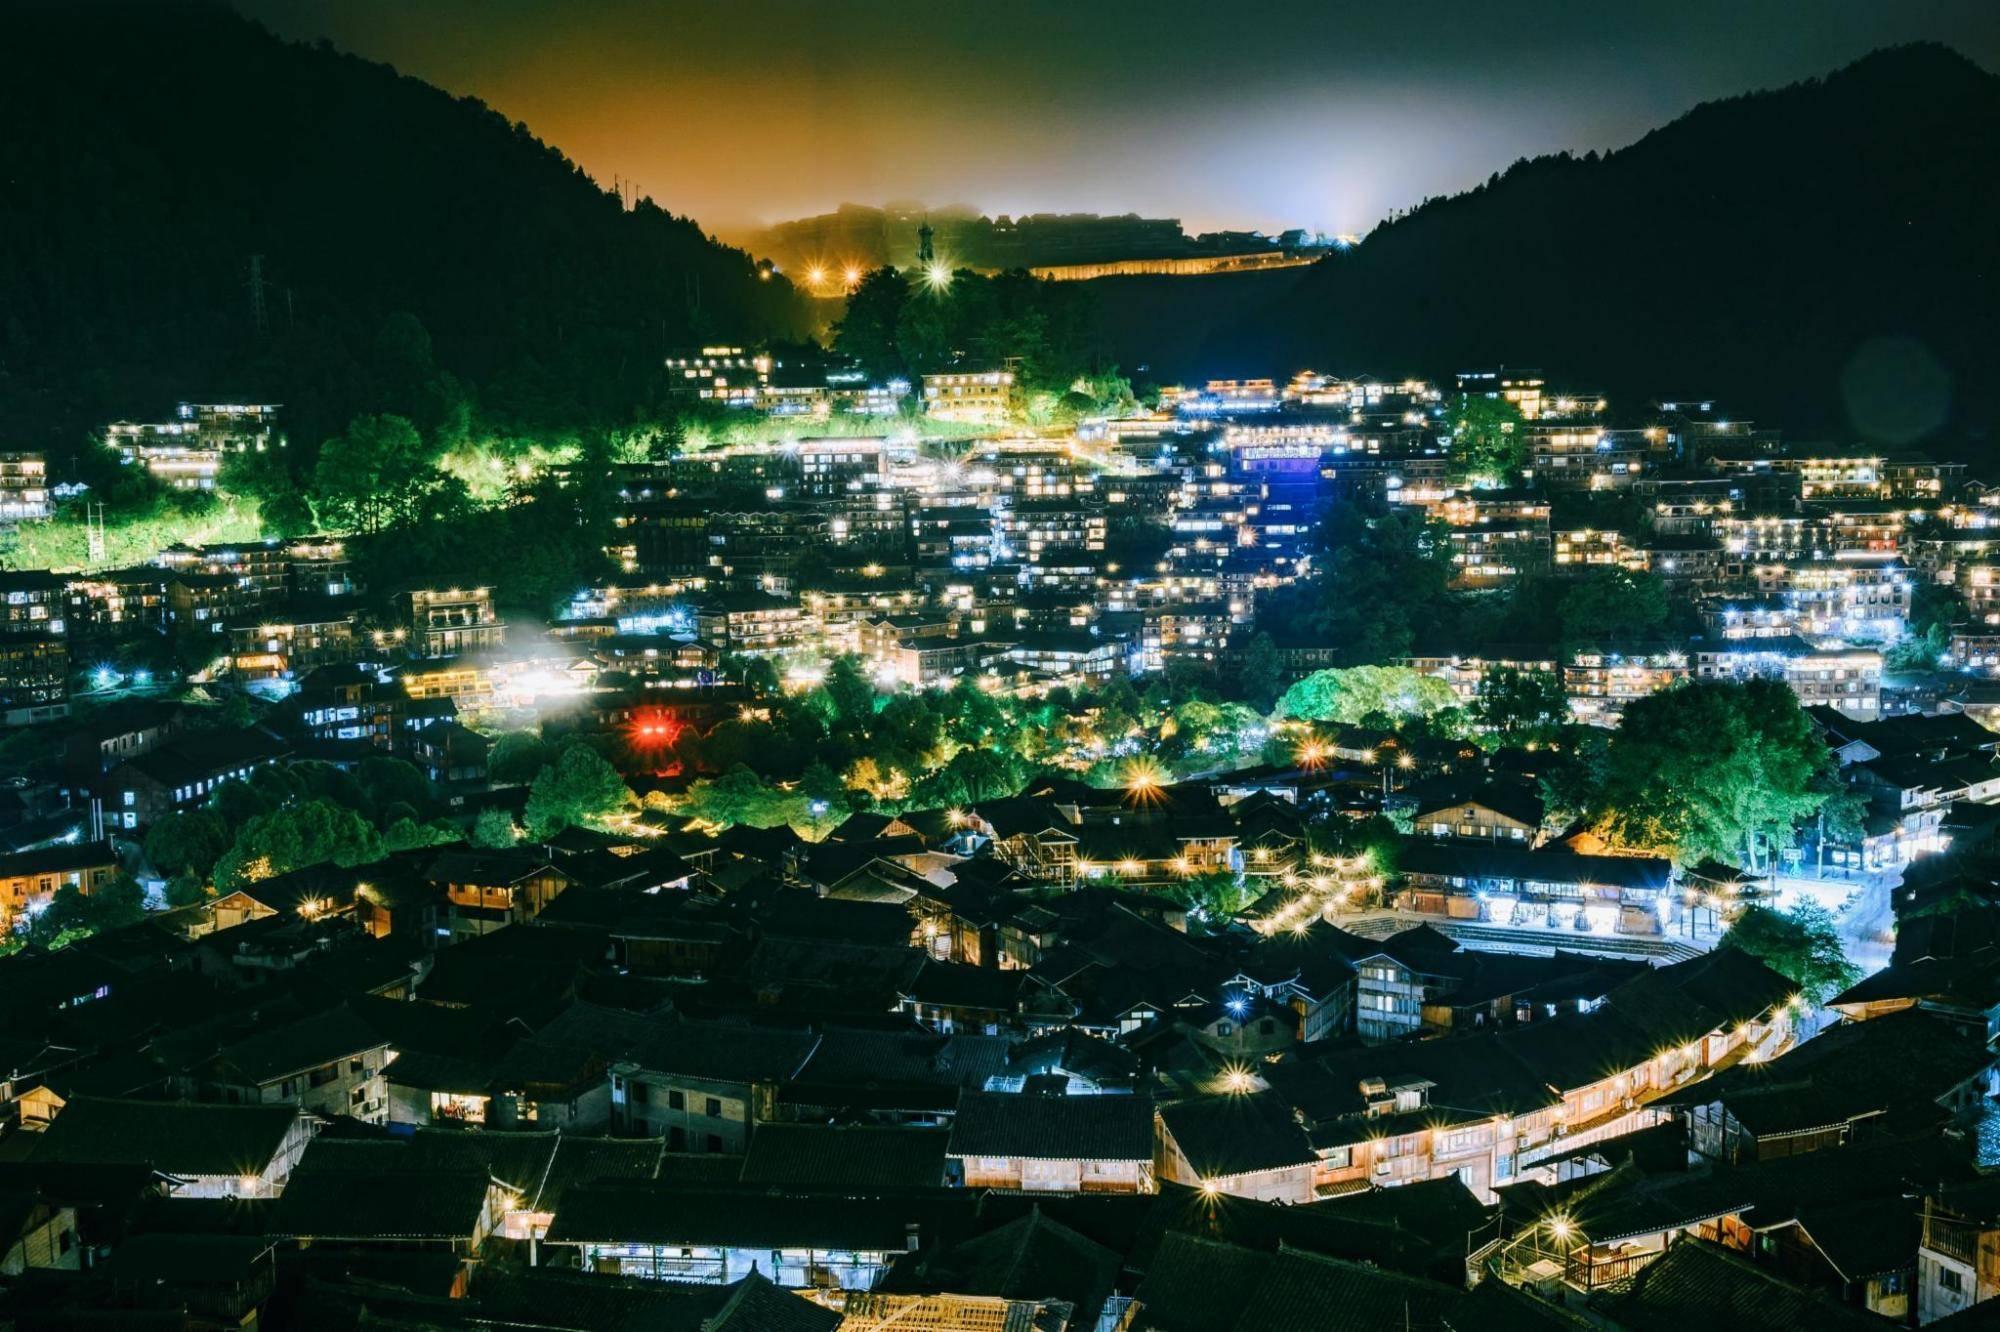 贵州旅游必打卡景点,世界上最大的苗寨,虽然如今已十分商业化